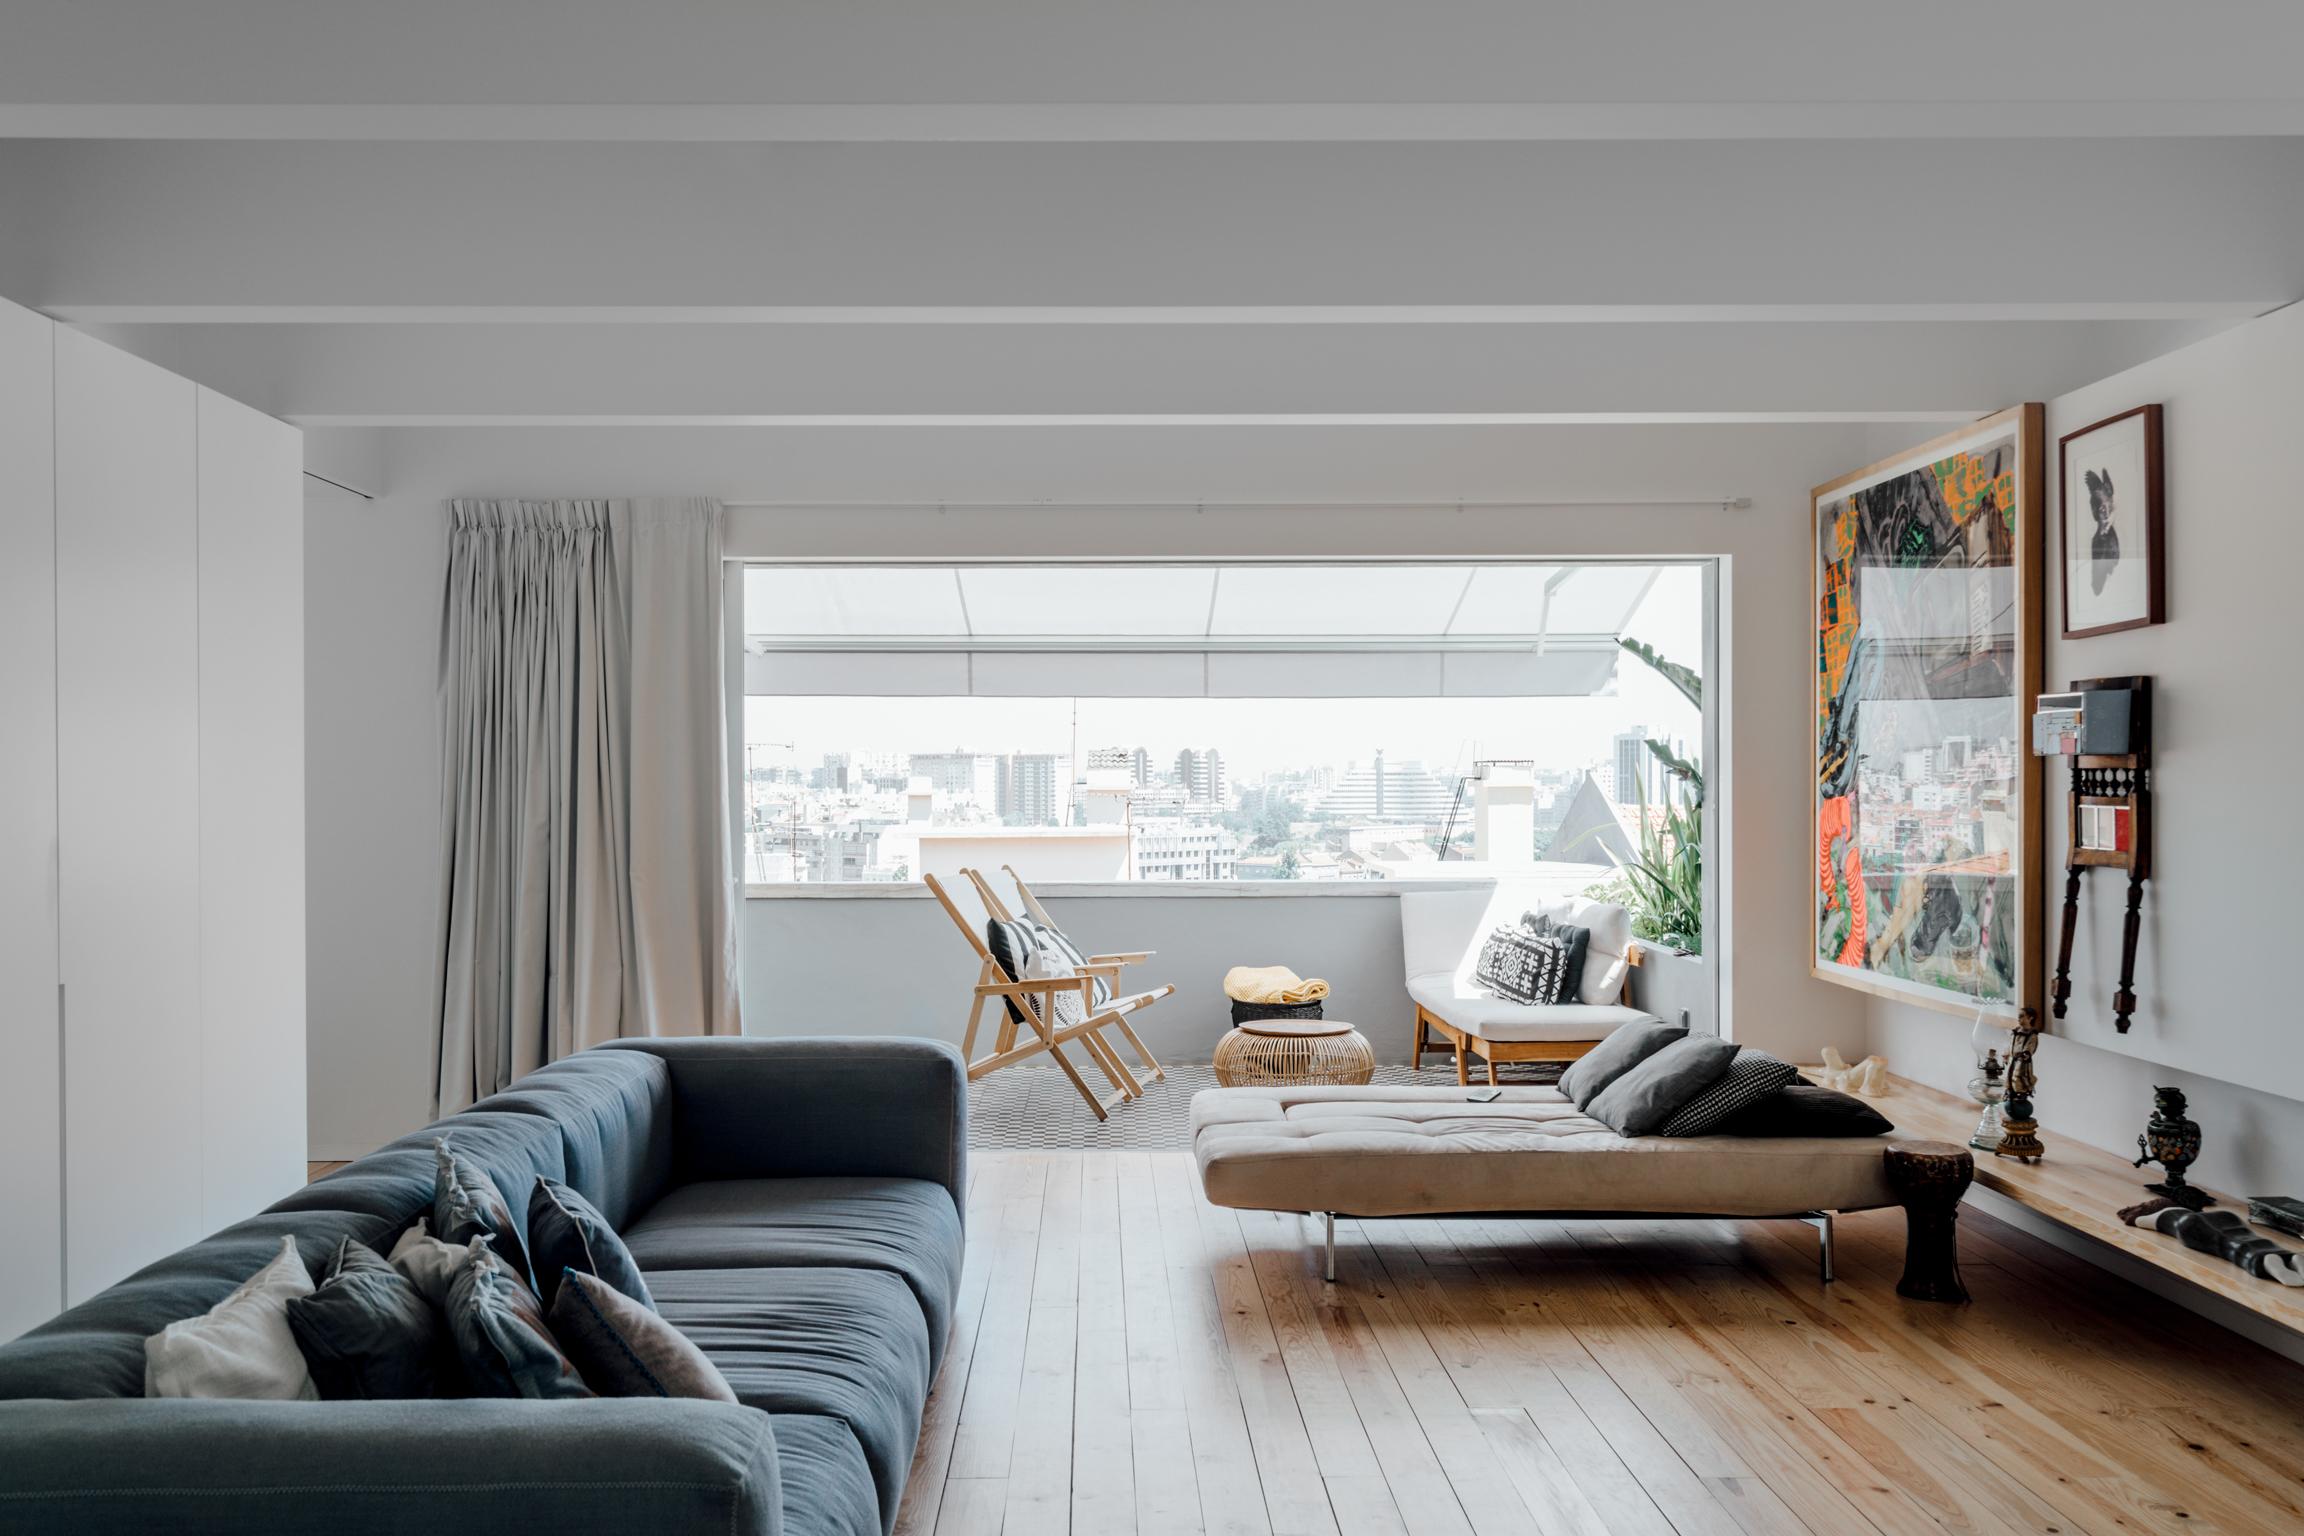 Una mansarda sui tetti di lisbona living corriere for Idee per arredare un trullo